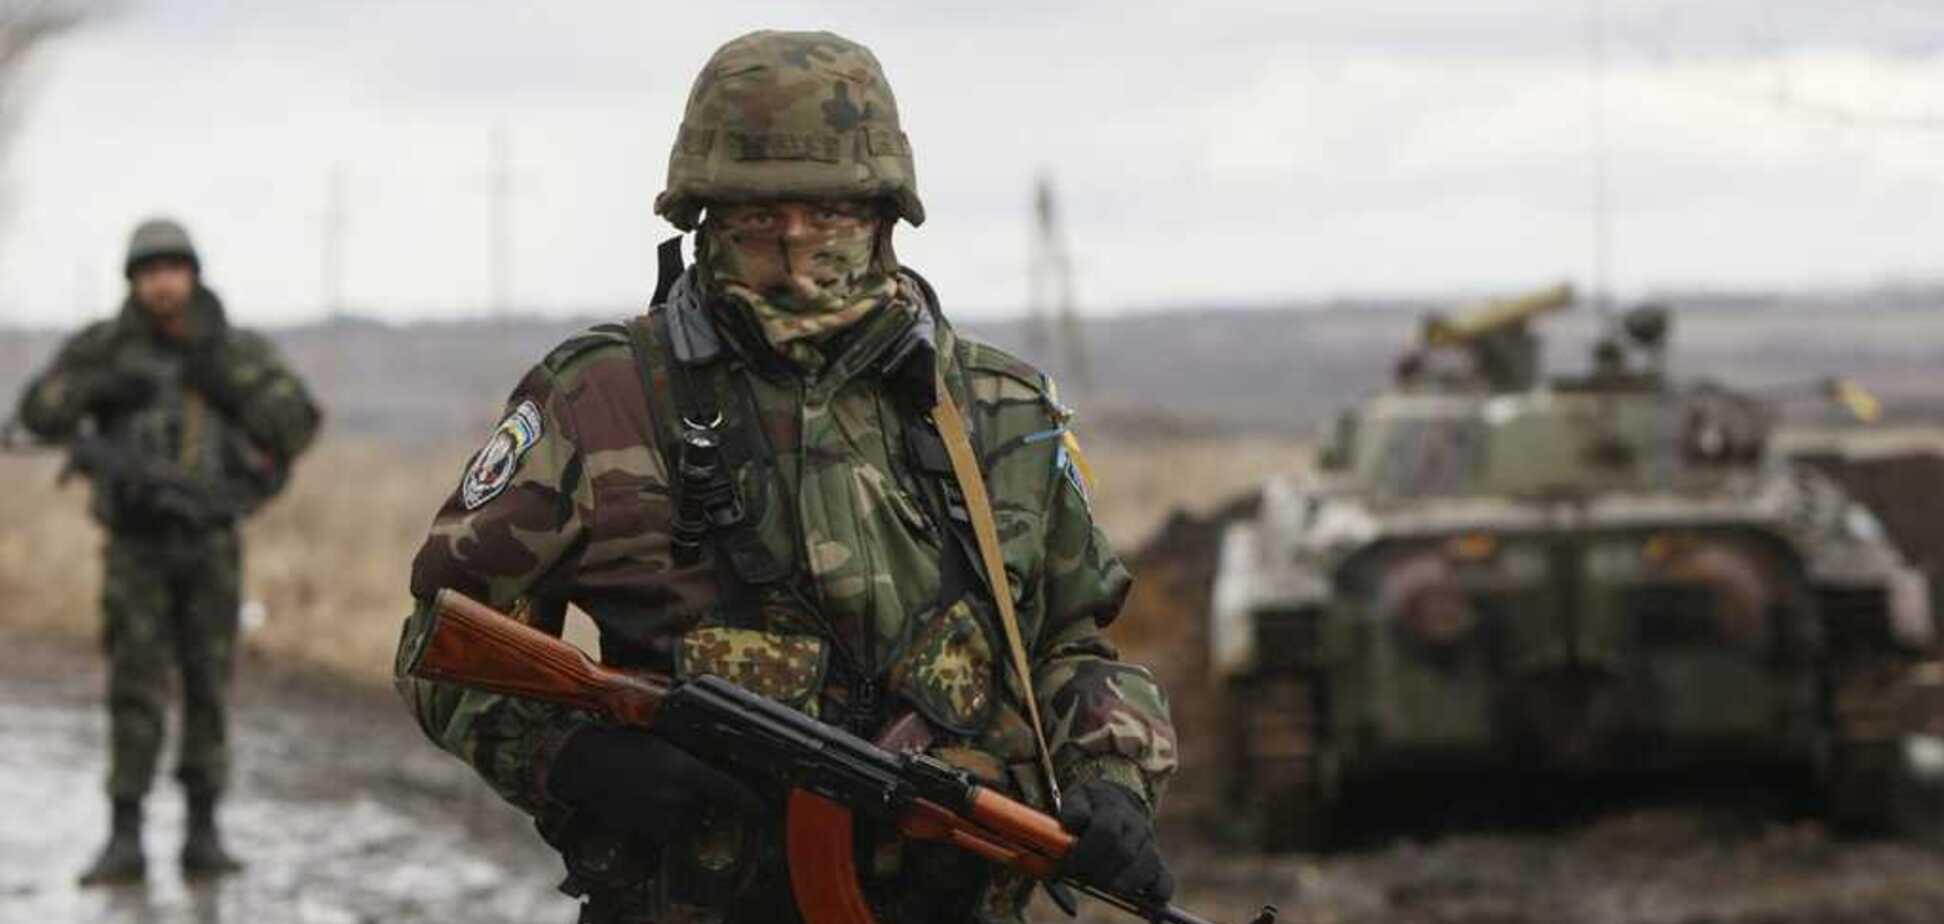 Наші вистояли! У штабі ОС повідомили хороші новини з Донбасу